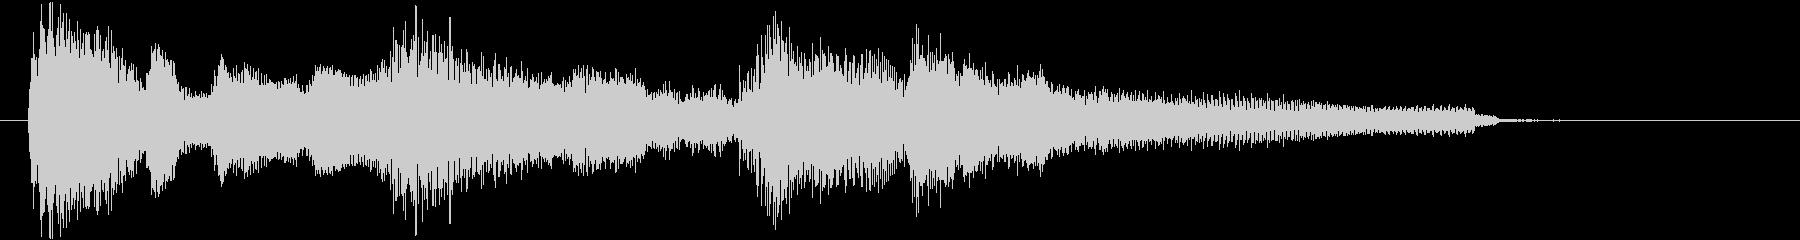 ジングル サウンドロゴ ジャズ 秋の気配の未再生の波形